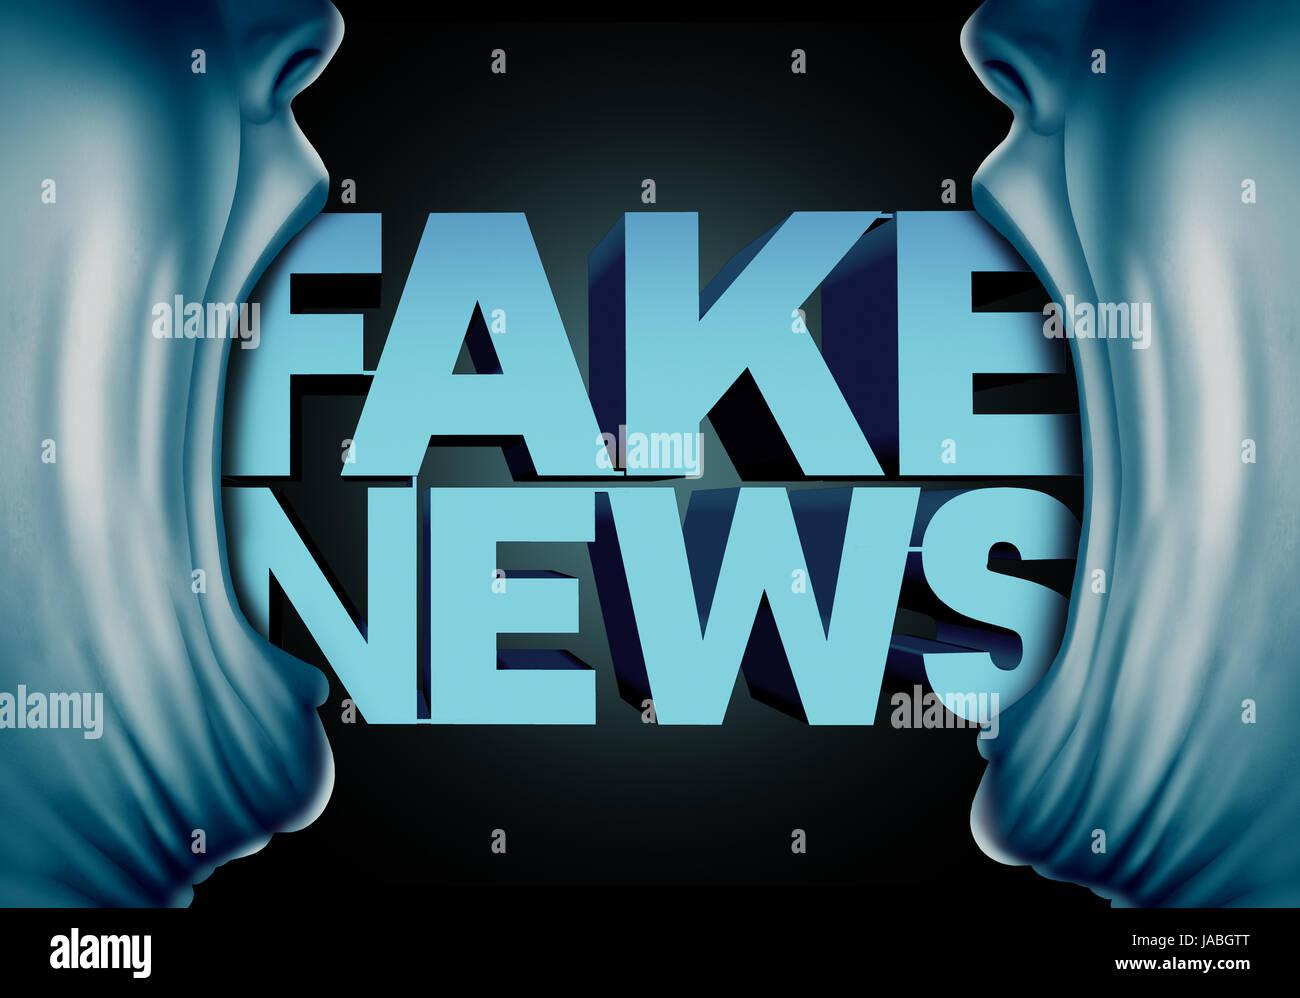 Fake news concetto di reporting e falso reportage giornalistici da fonti anonime come persone con bocche aperte Immagini Stock